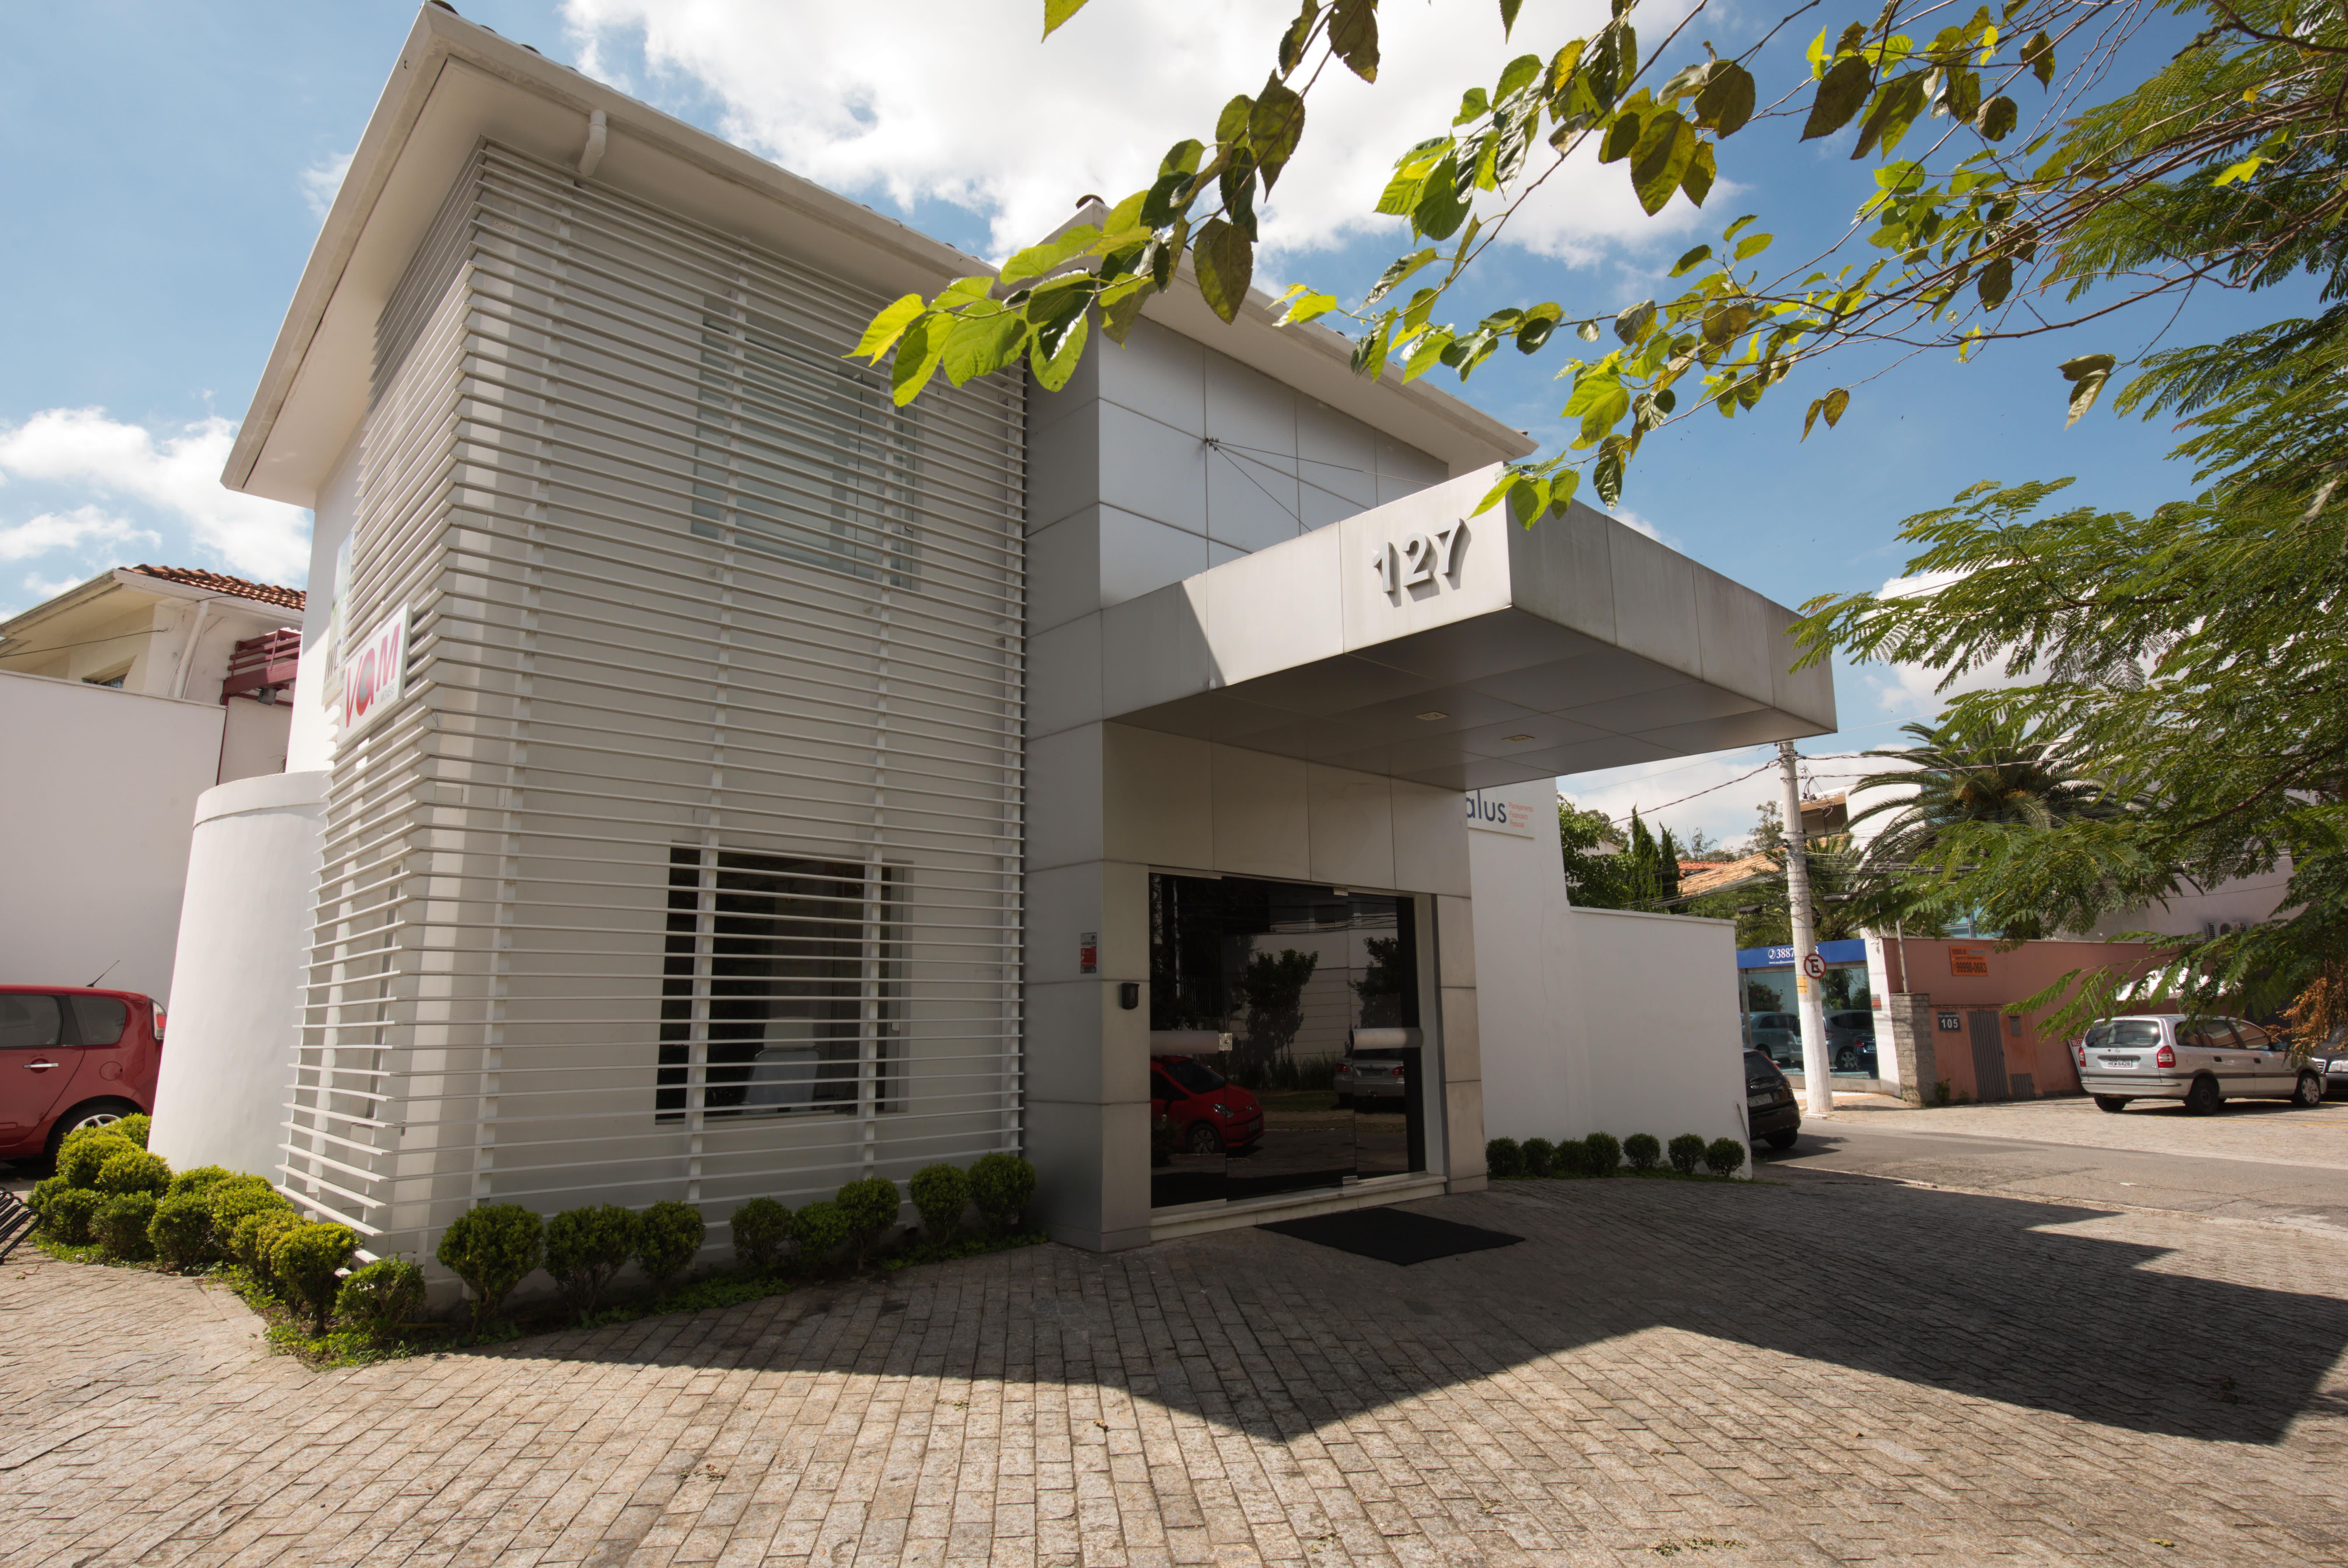 IWC- Ibira Work Center